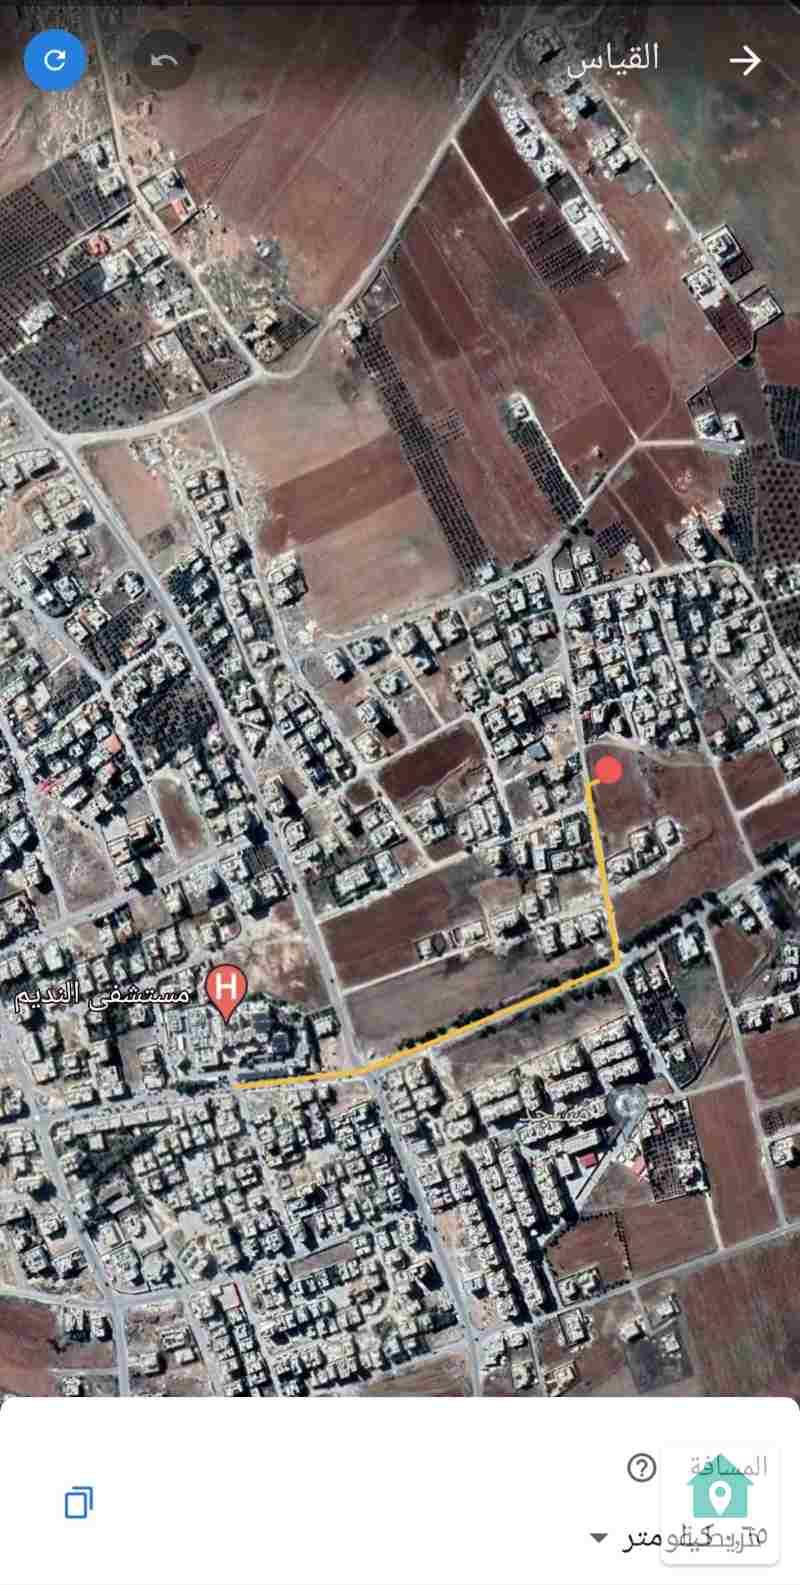 قطعة أرض سكنية مميزة للبيع بالقرب من مستشفى النديم